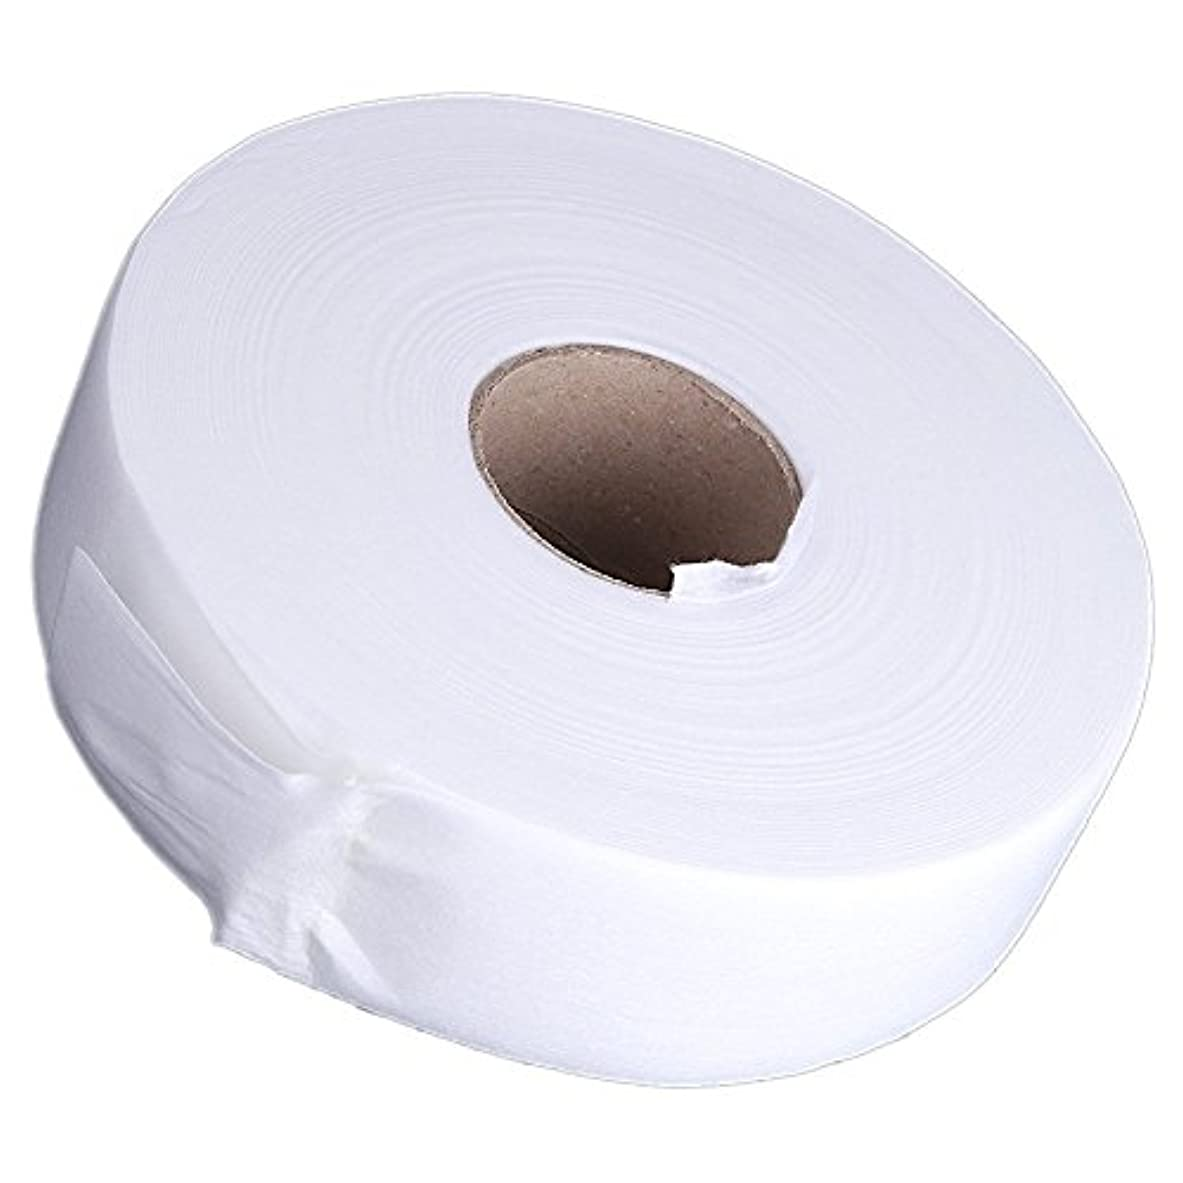 砲兵隠された大人CUHAWUDBA 100ヤードの脱毛紙脱毛ワックスストリップ 不織布ペーパーワックスロール(白)